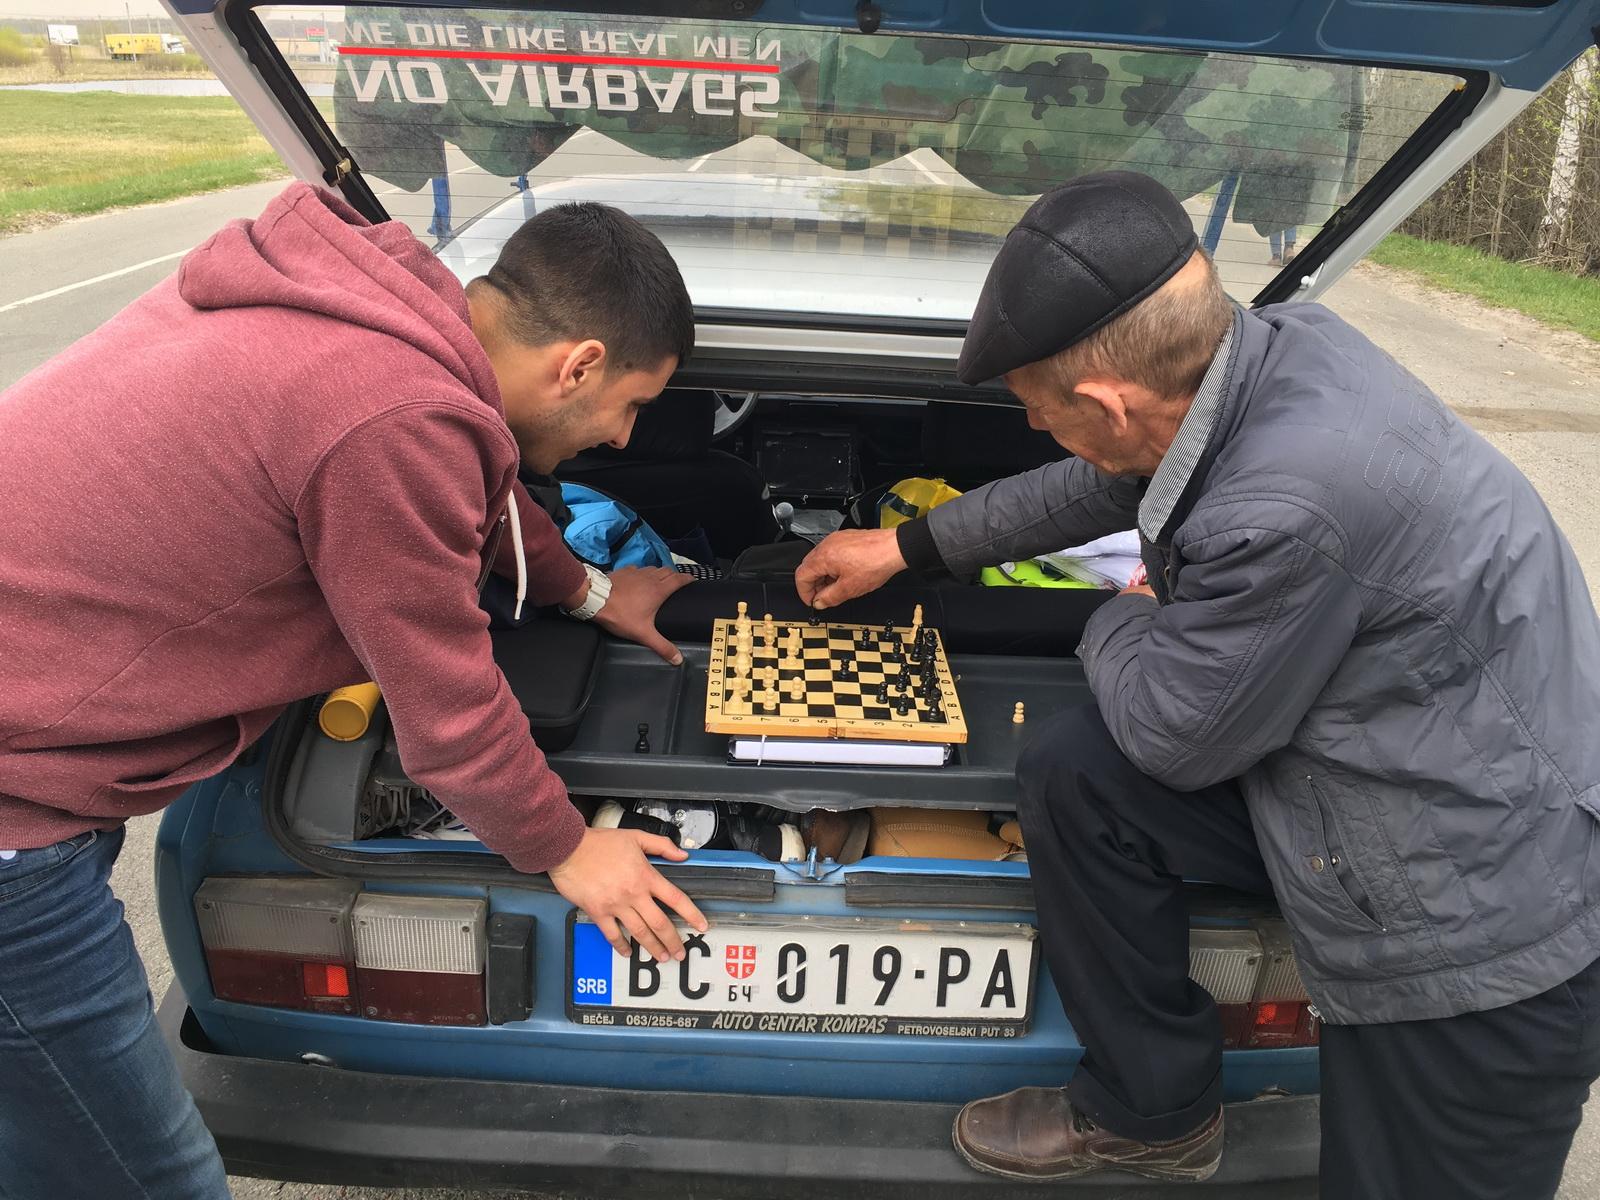 Dok smo čekali na granici malo smo se opustili uz šah